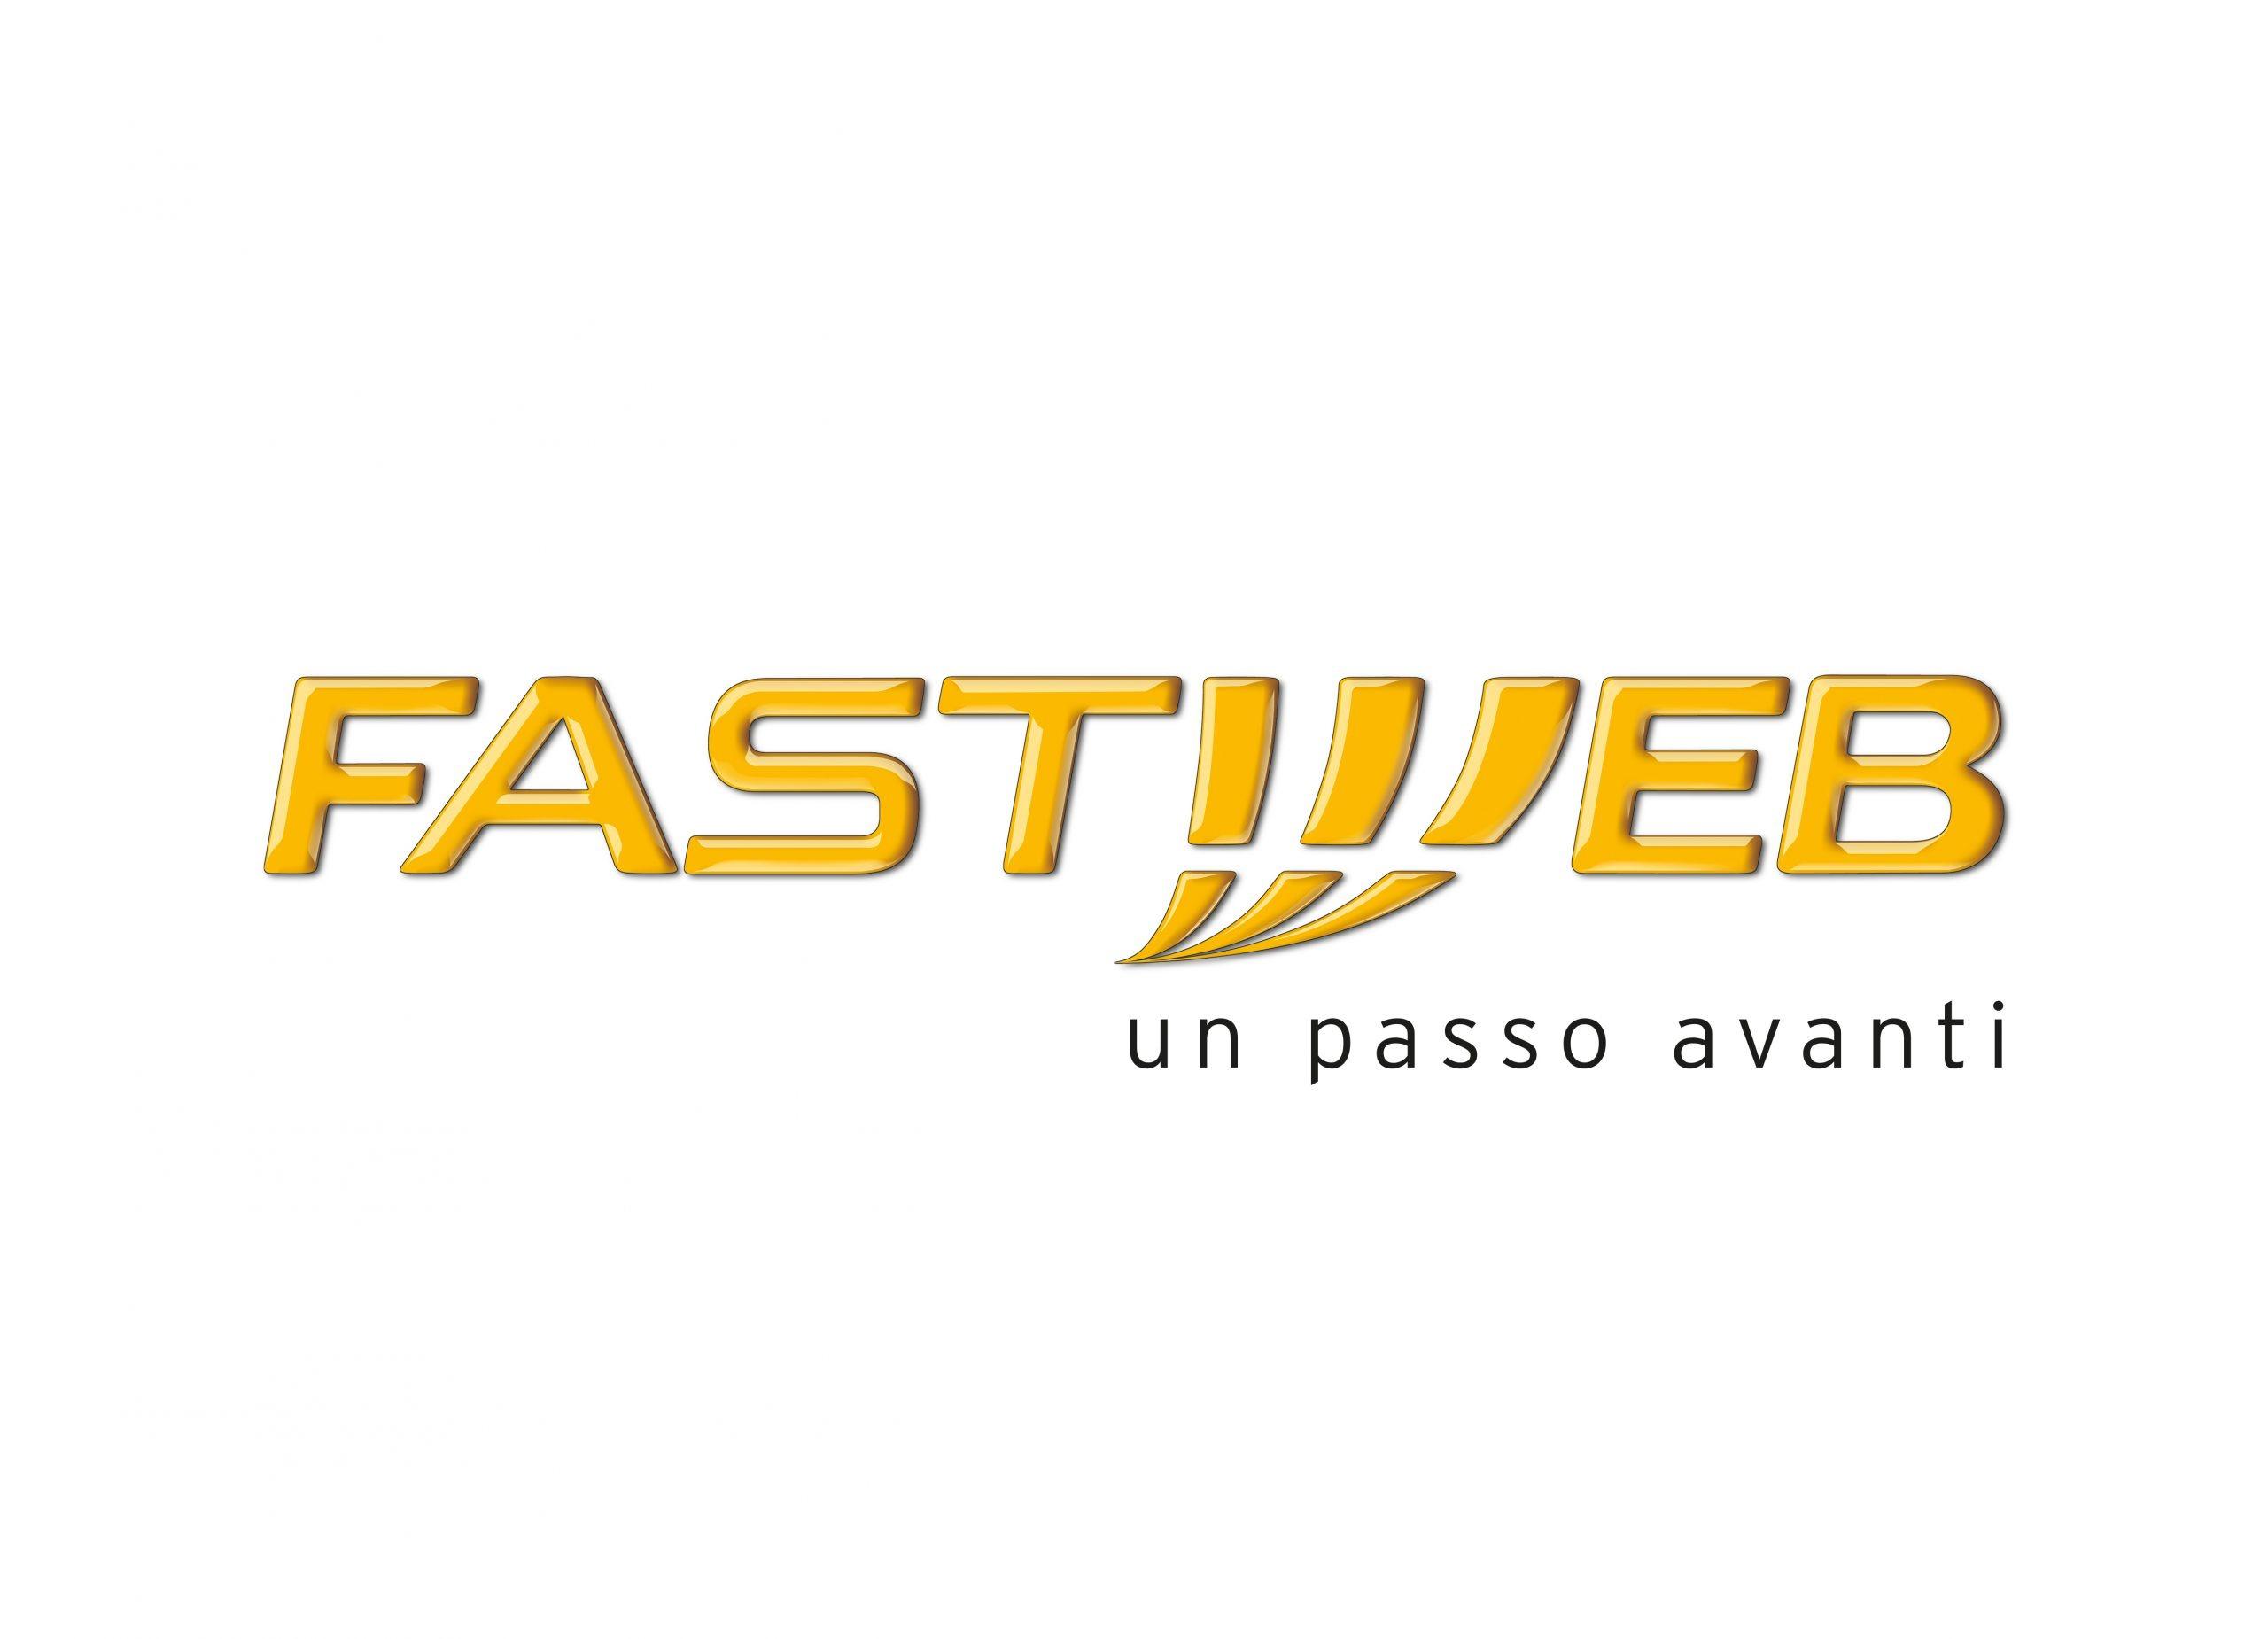 Fastweb – Niente è come noi